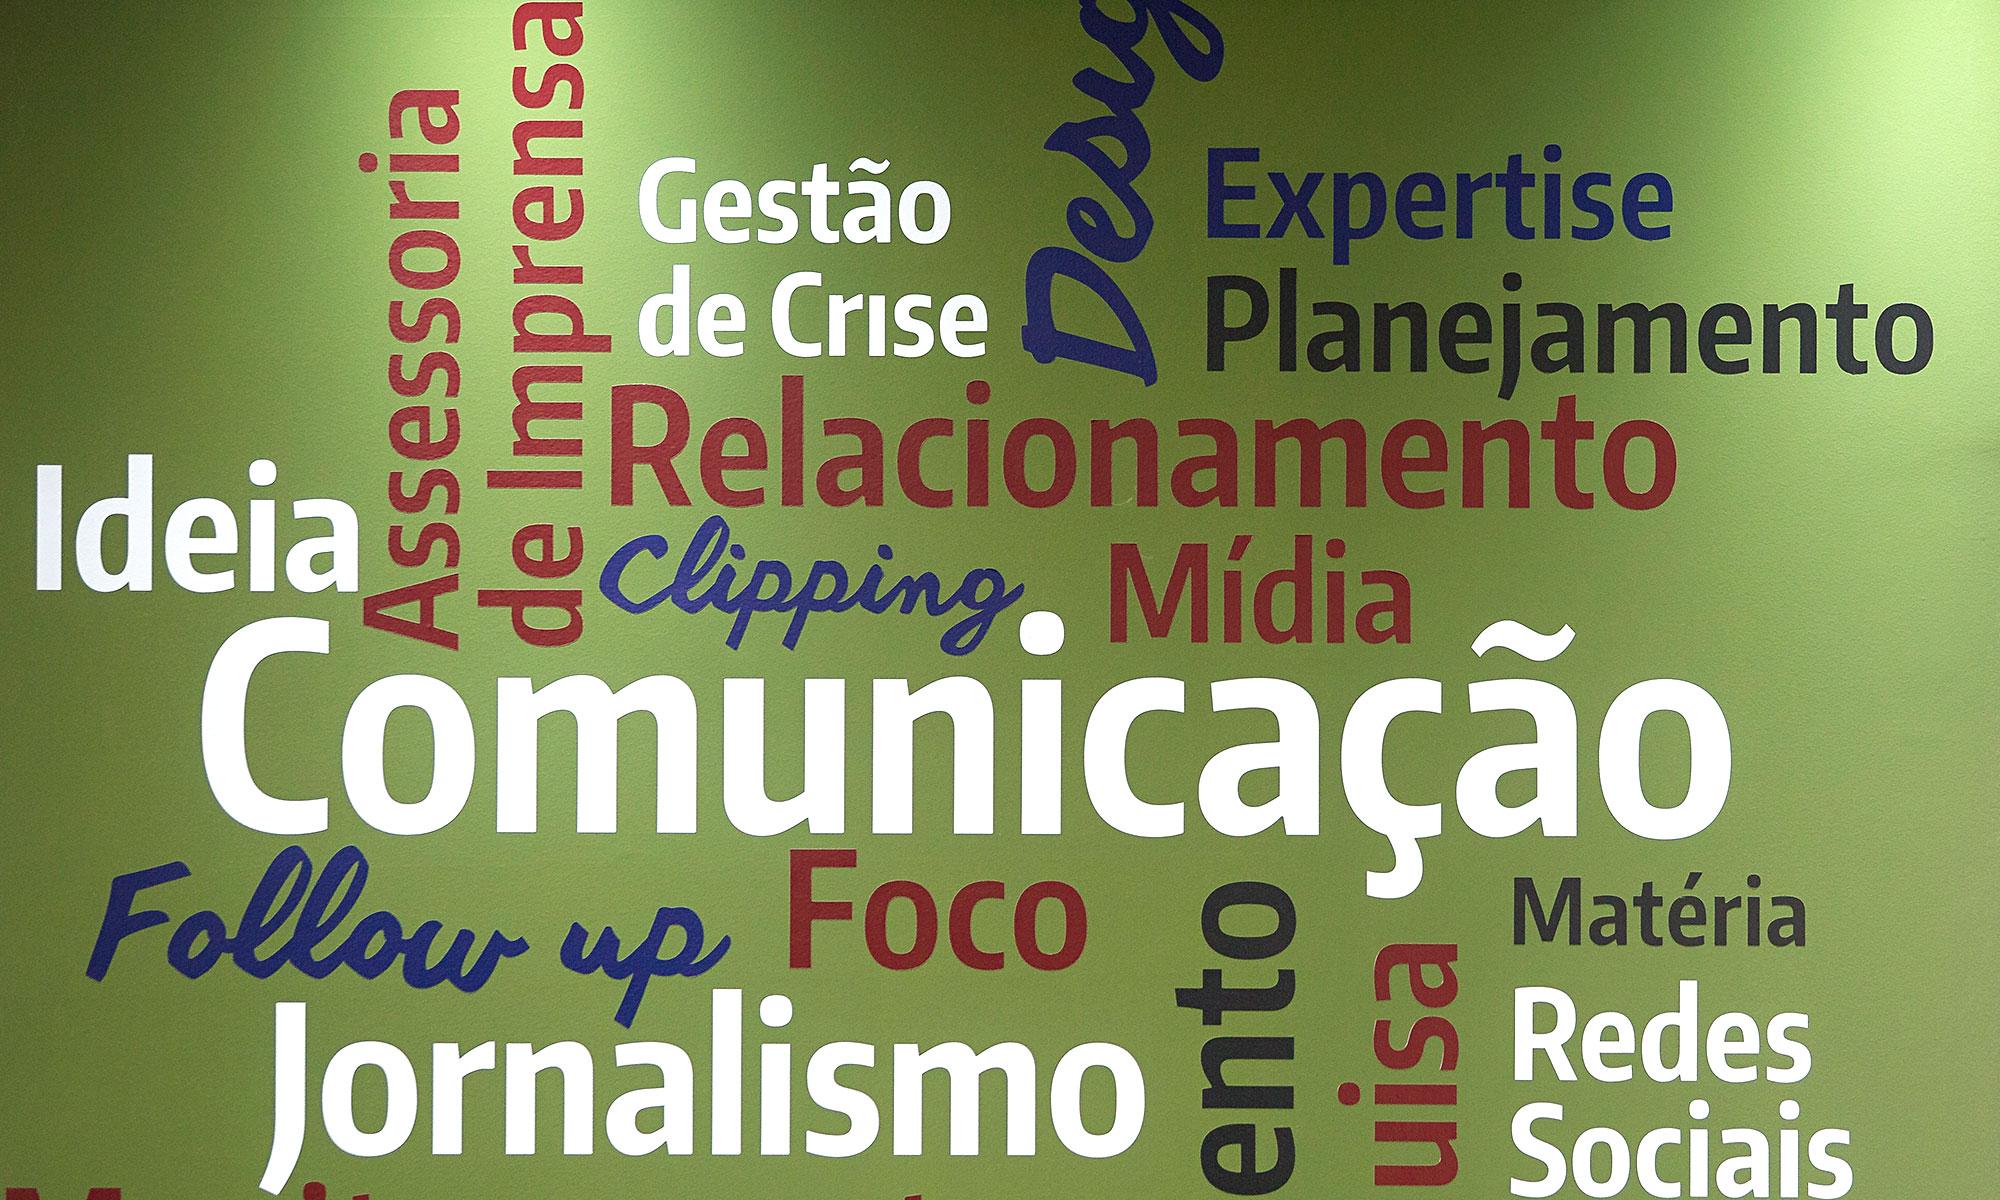 Atelier de Imagem e Comunicação